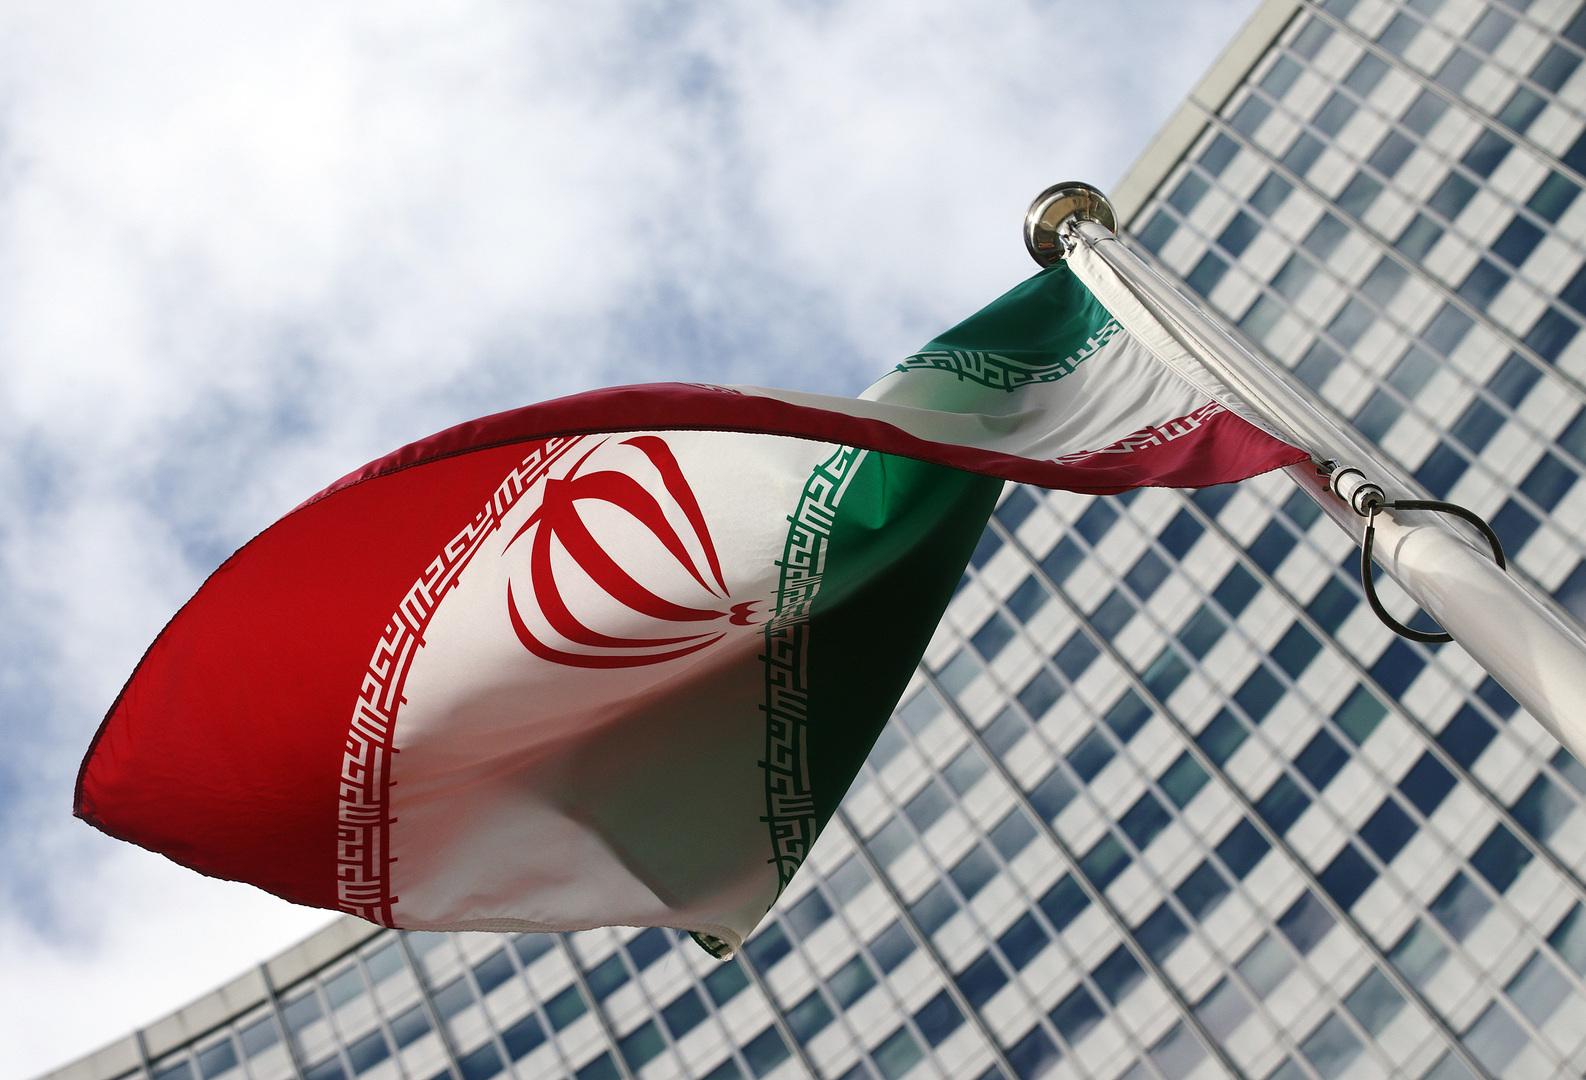 عراقجي: مستعدون للحوار حول أمن منطقة الخليج مع دولها دون أي تدخل أجنبي